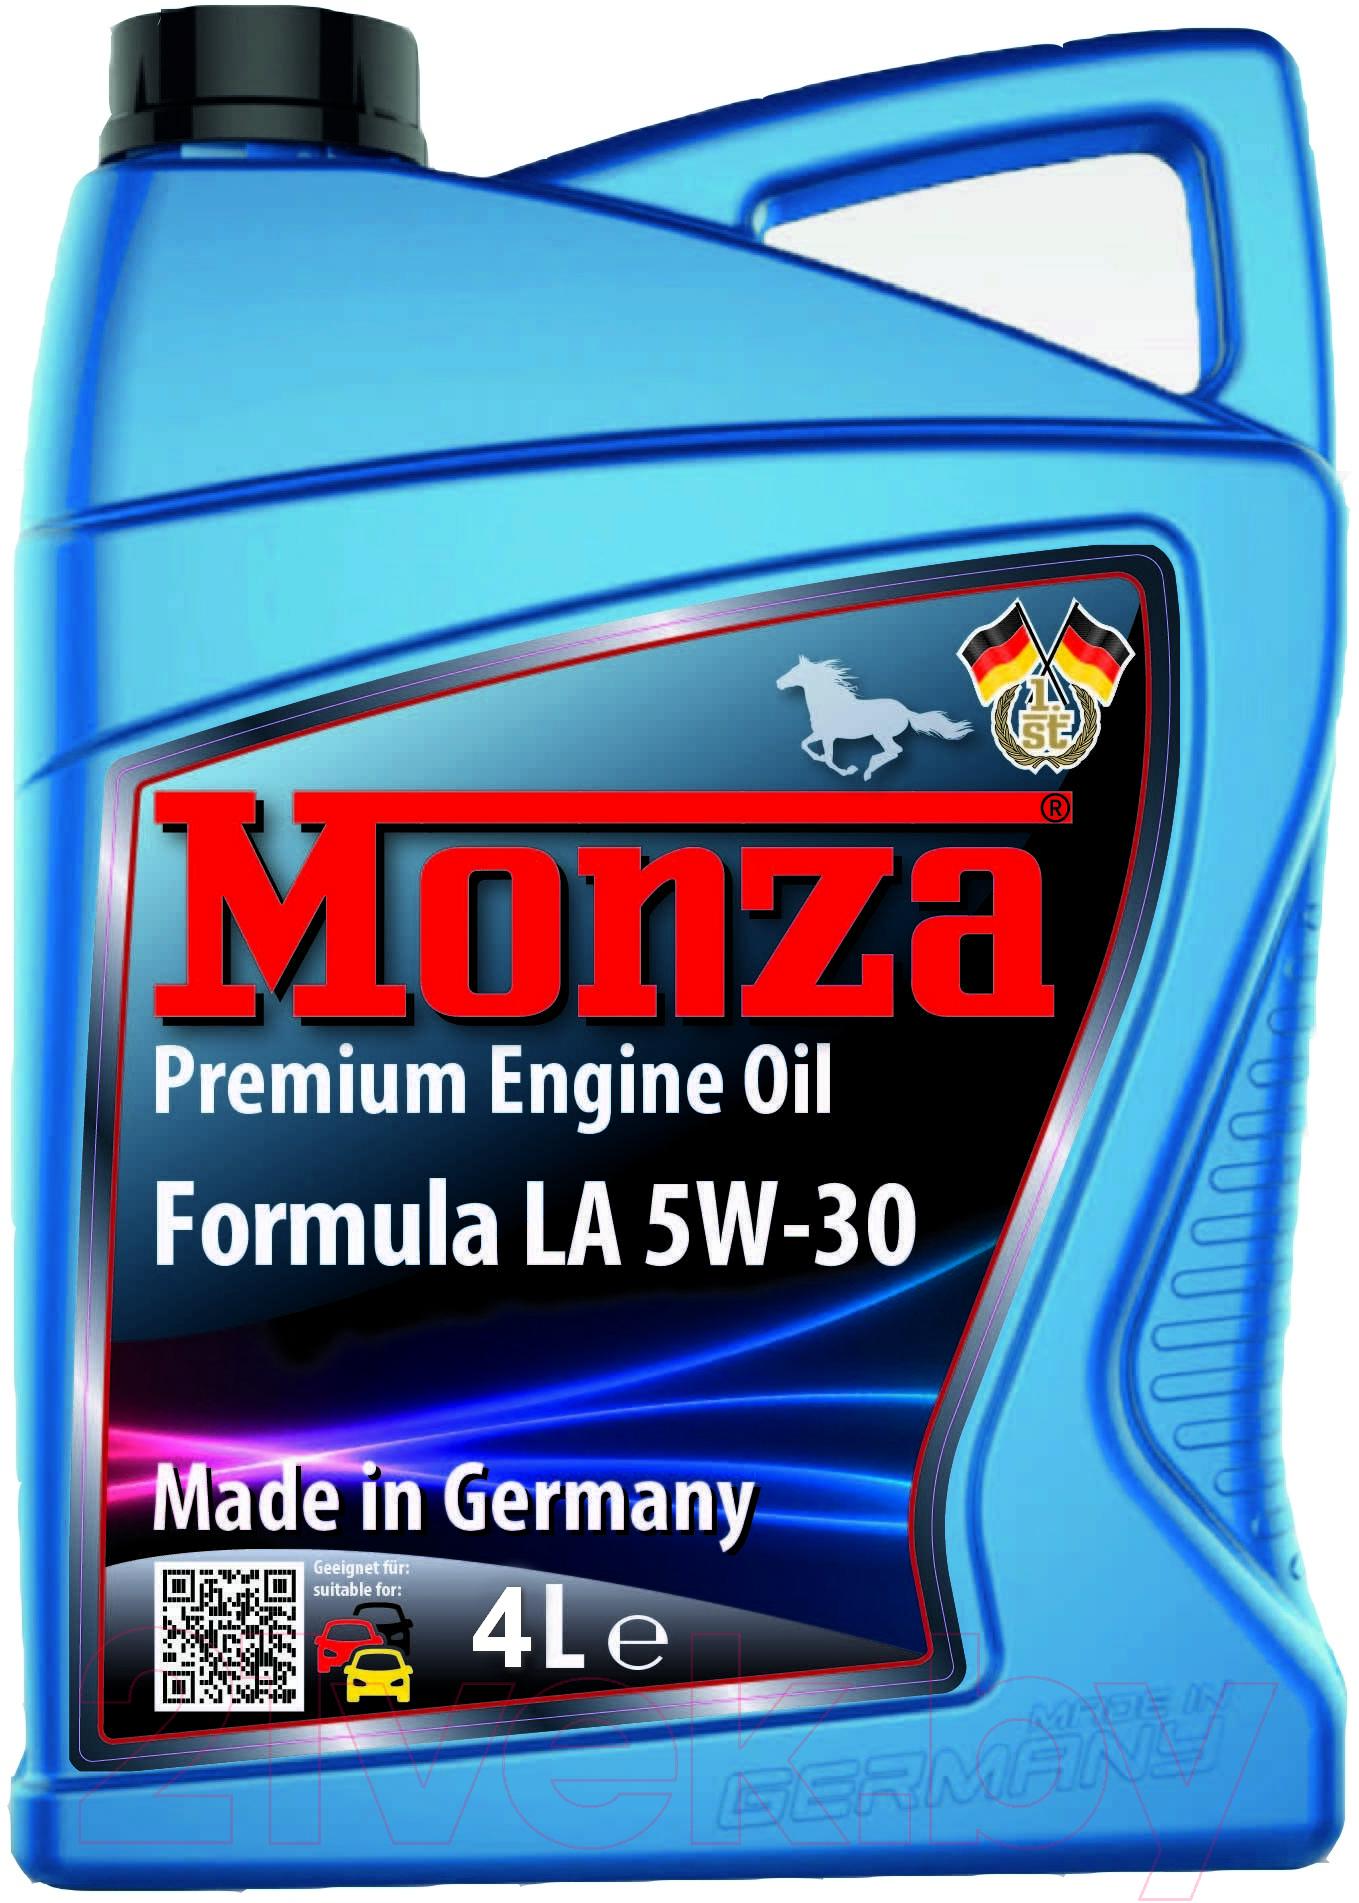 Купить Моторное масло Monza, Formula LA 5W30 / 0305-4 (4л), Германия